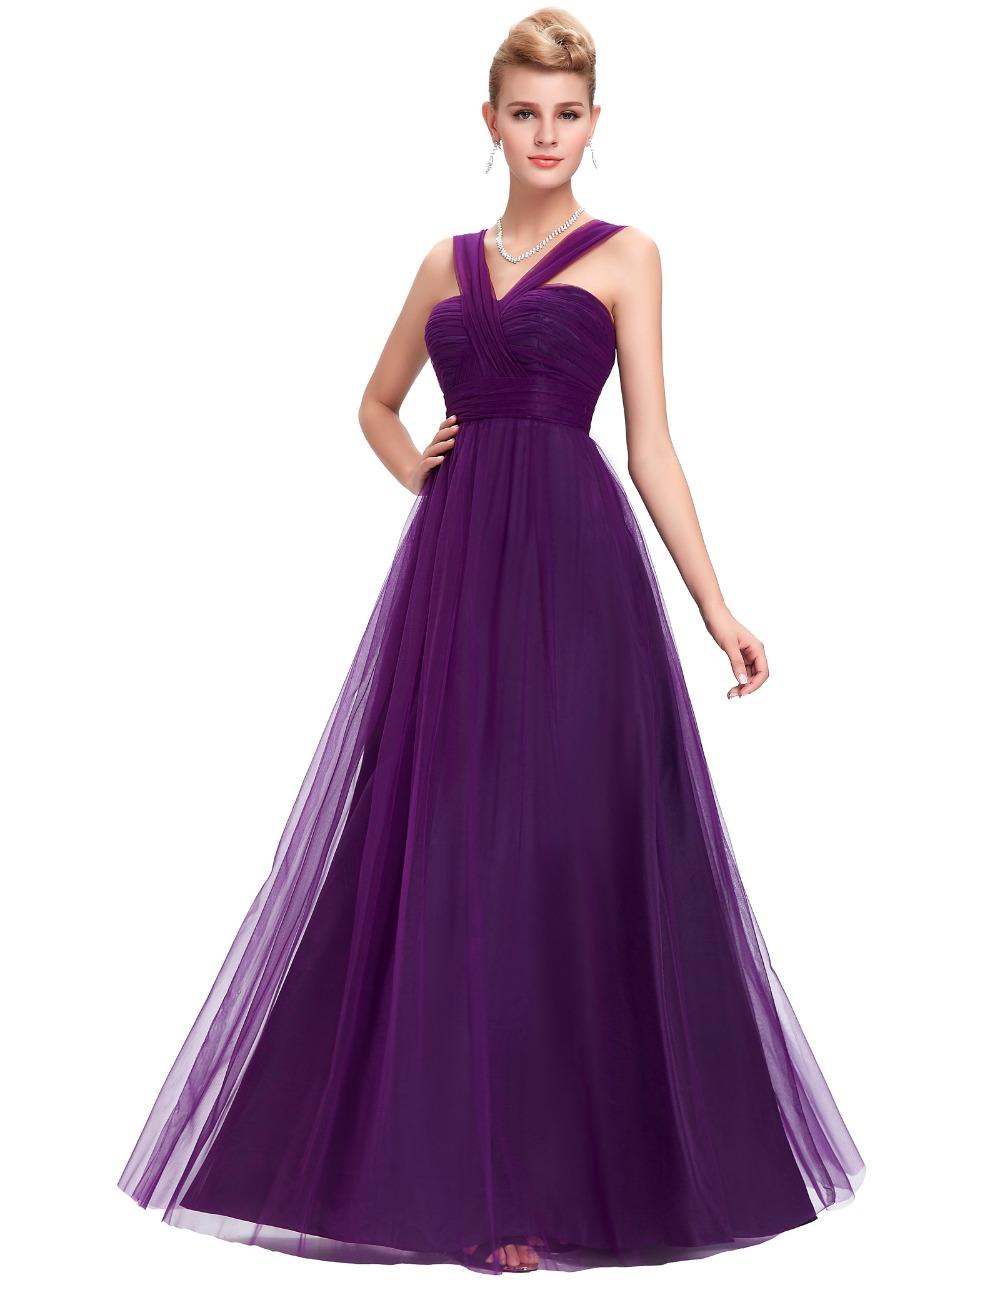 Buy purple dress